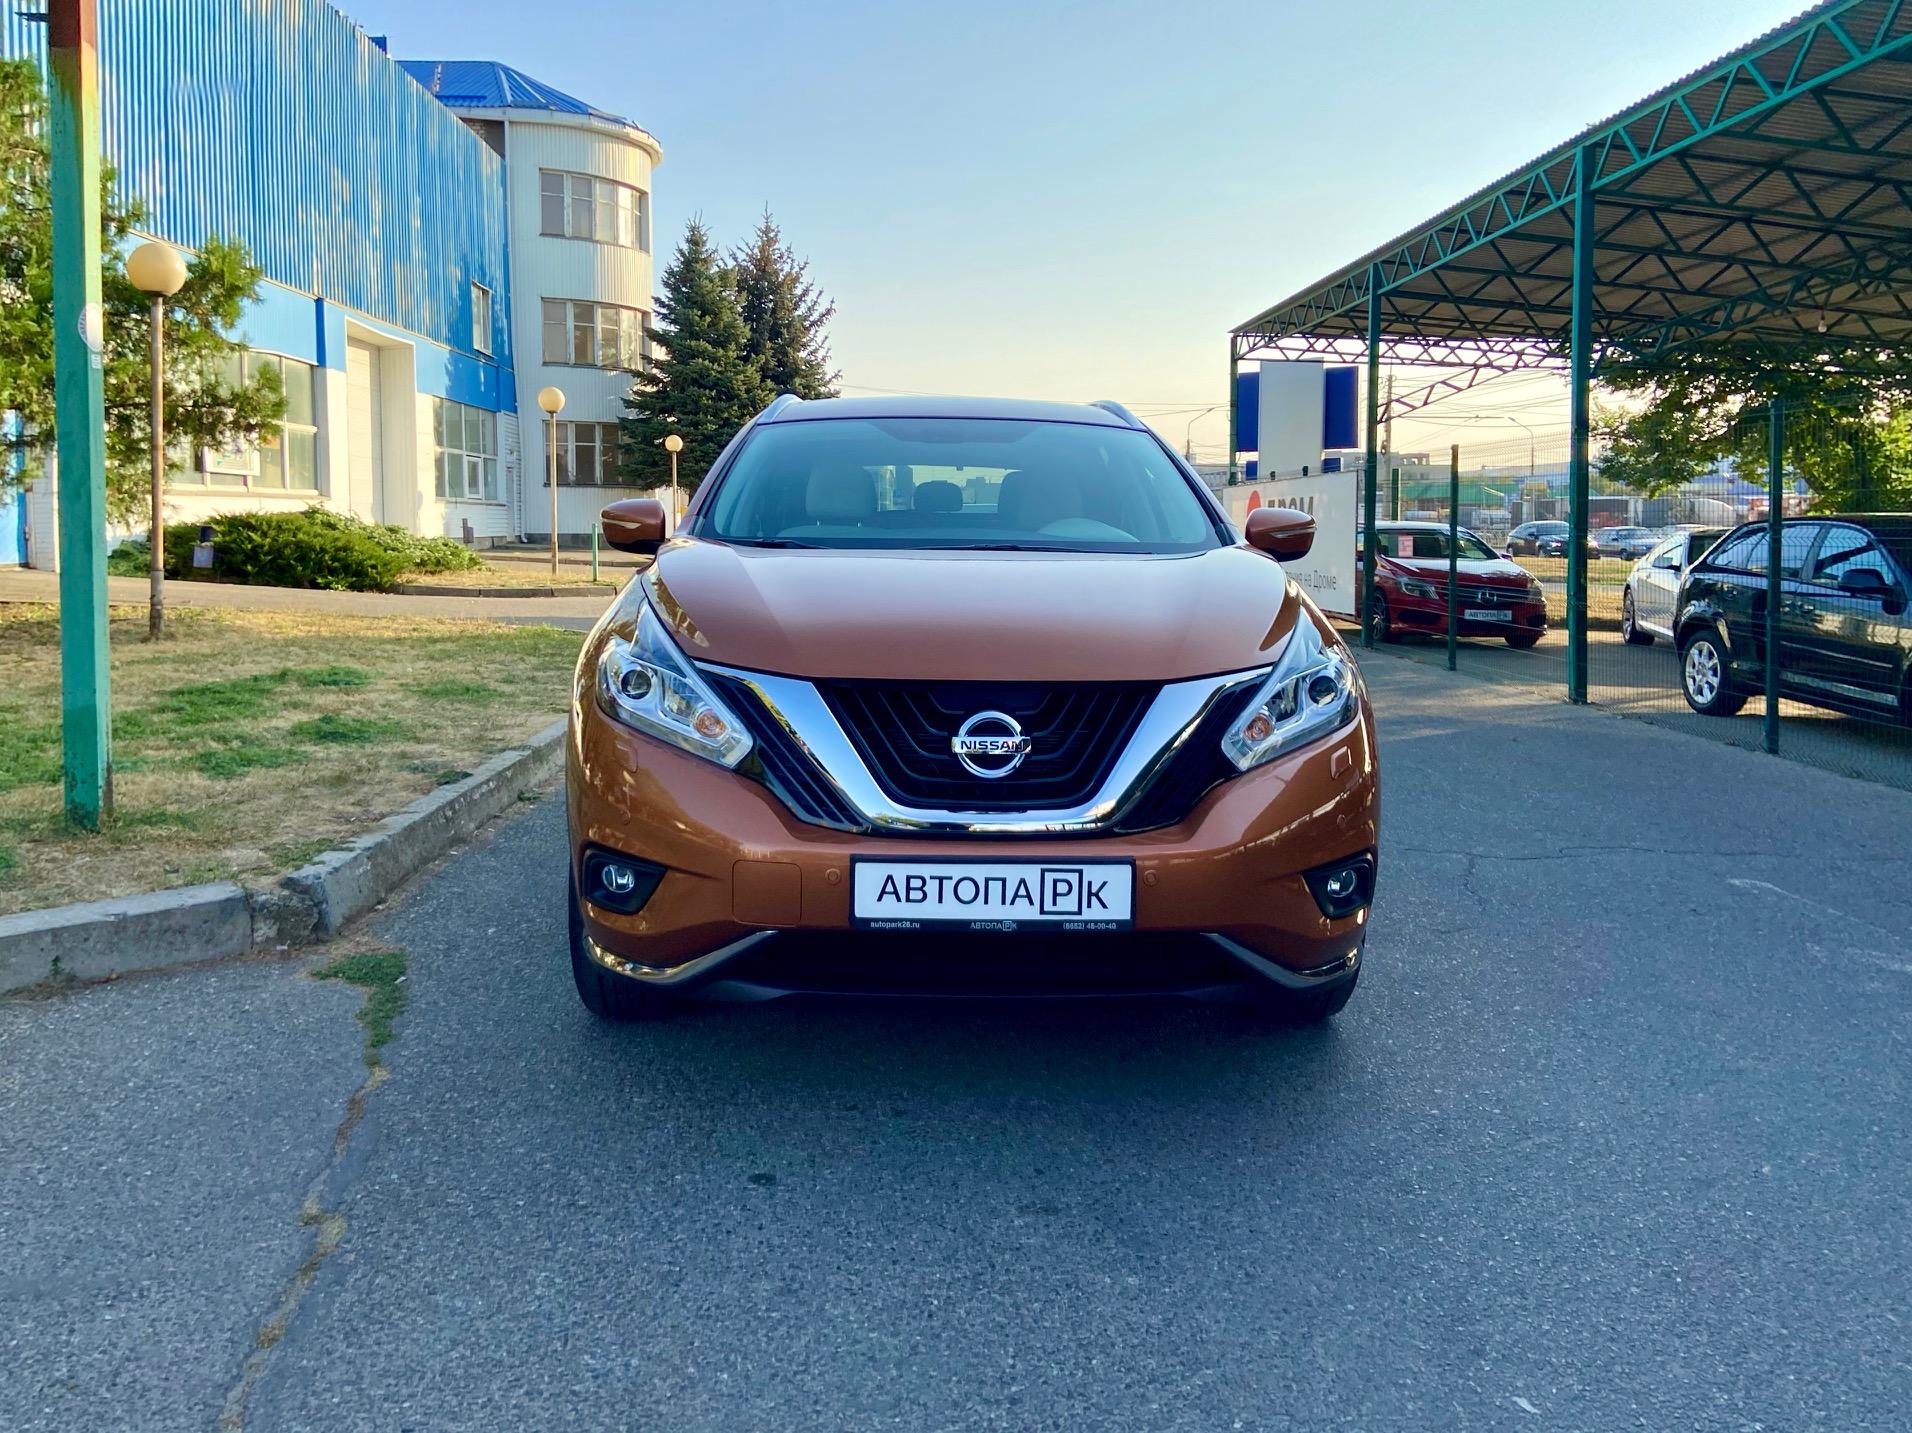 Купить Nissan Murano (Оранжевый) - Автопарк Ставрополь